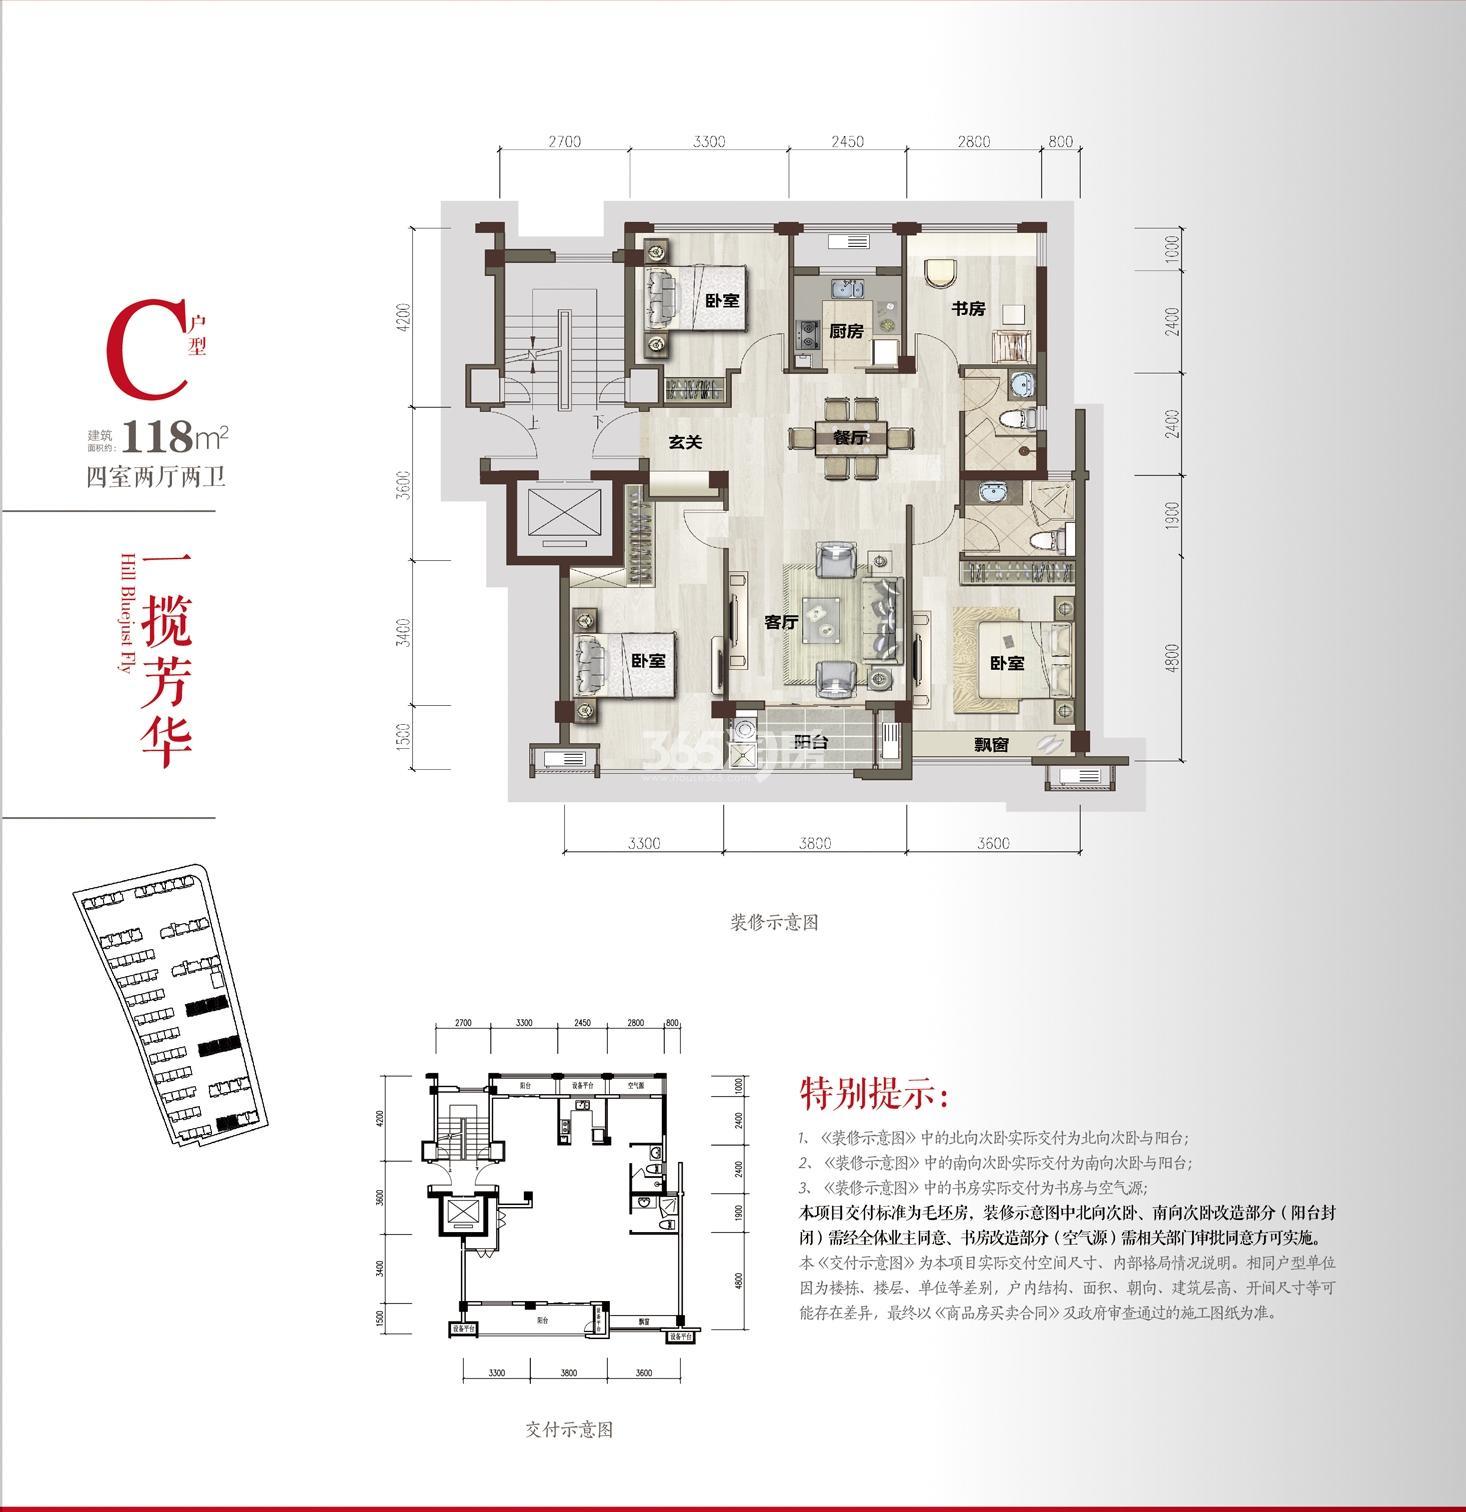 吉翔·澜山公馆户型C